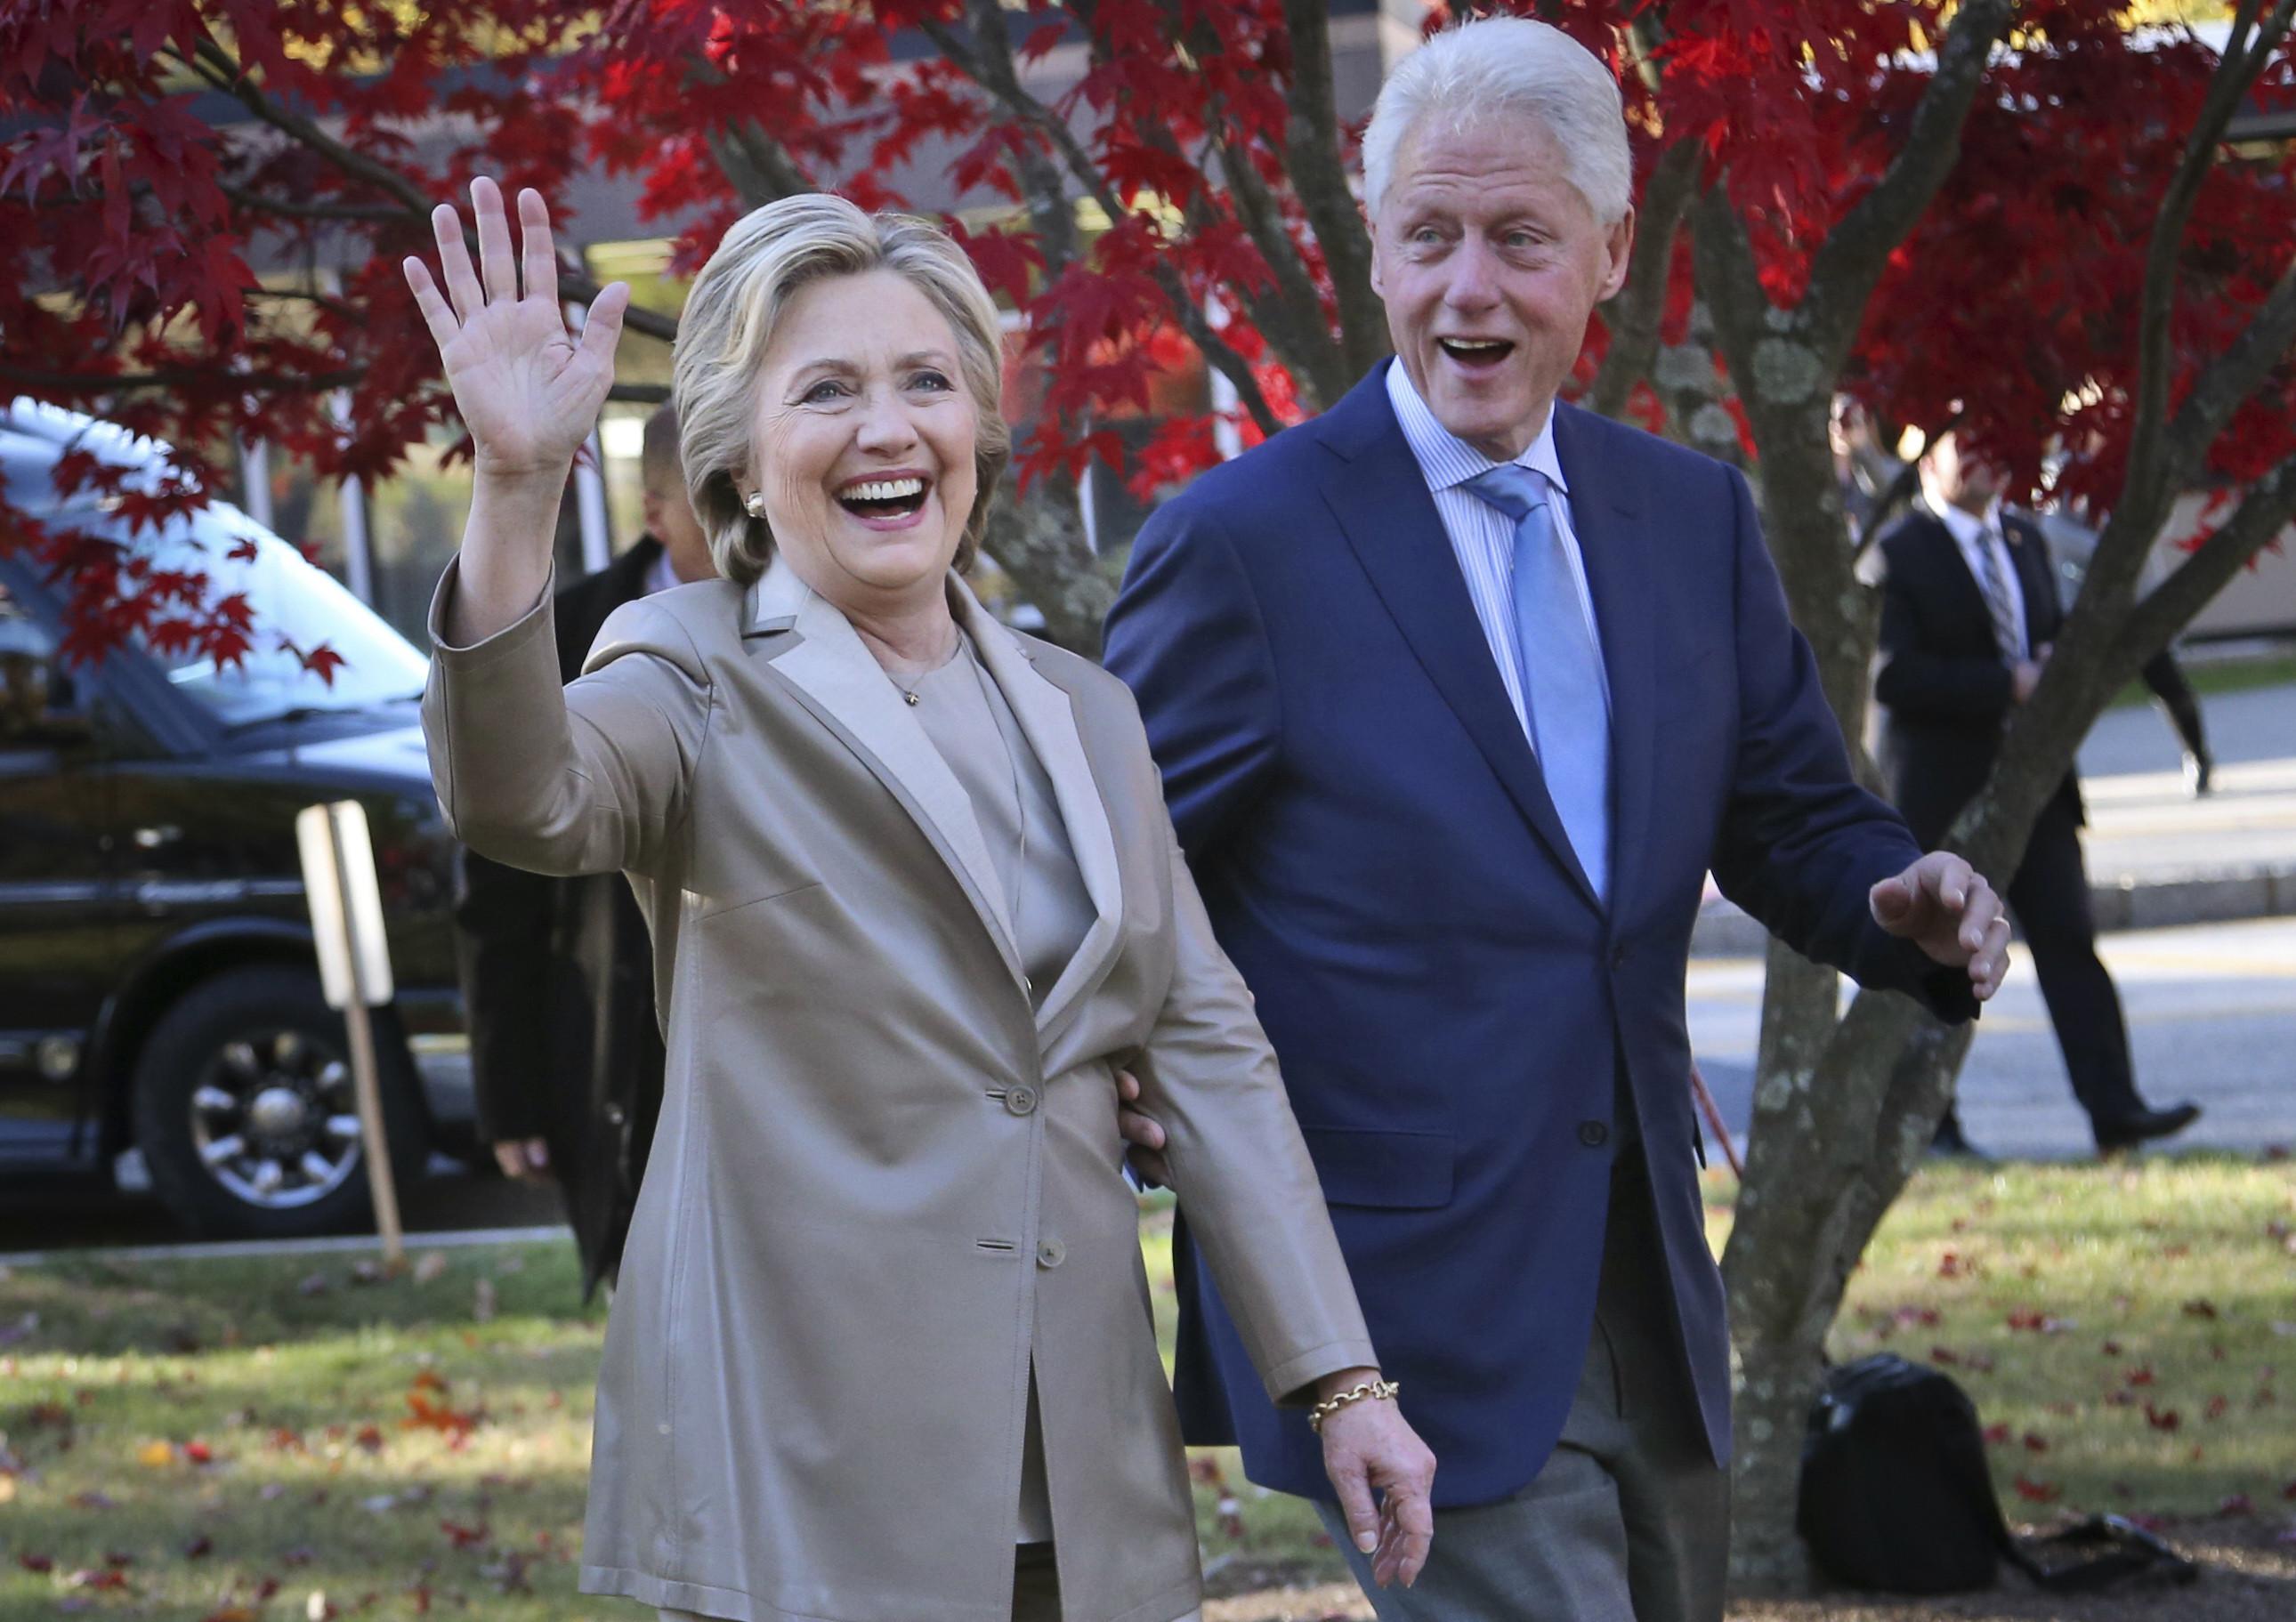 ▲▼希拉蕊與柯林頓前往紐約查帕夸一所小學投票。(圖/達志影像/美聯社)